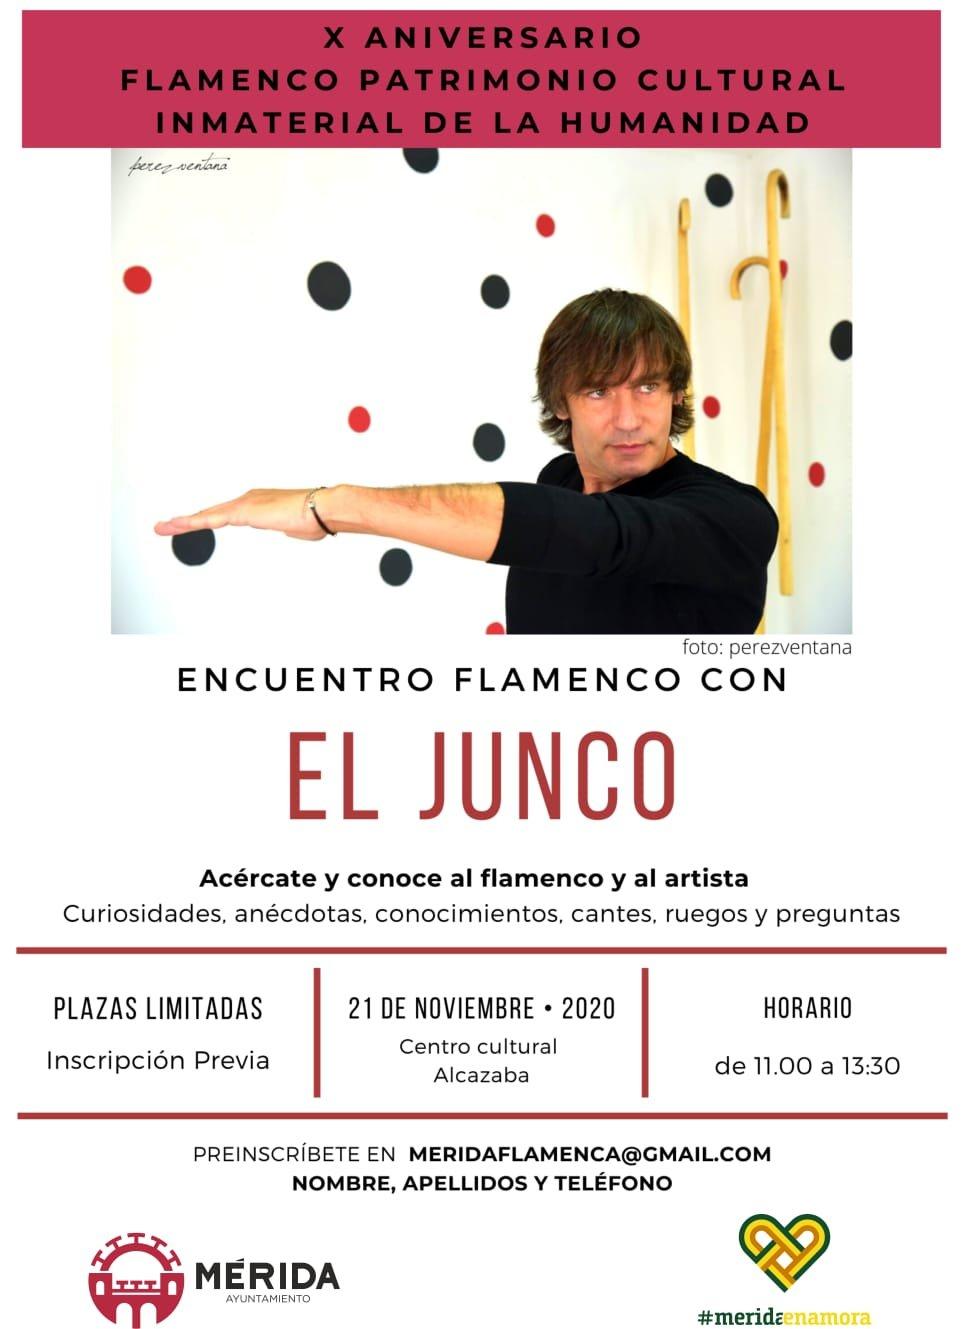 Encuentro flamenco con 'El Junco'